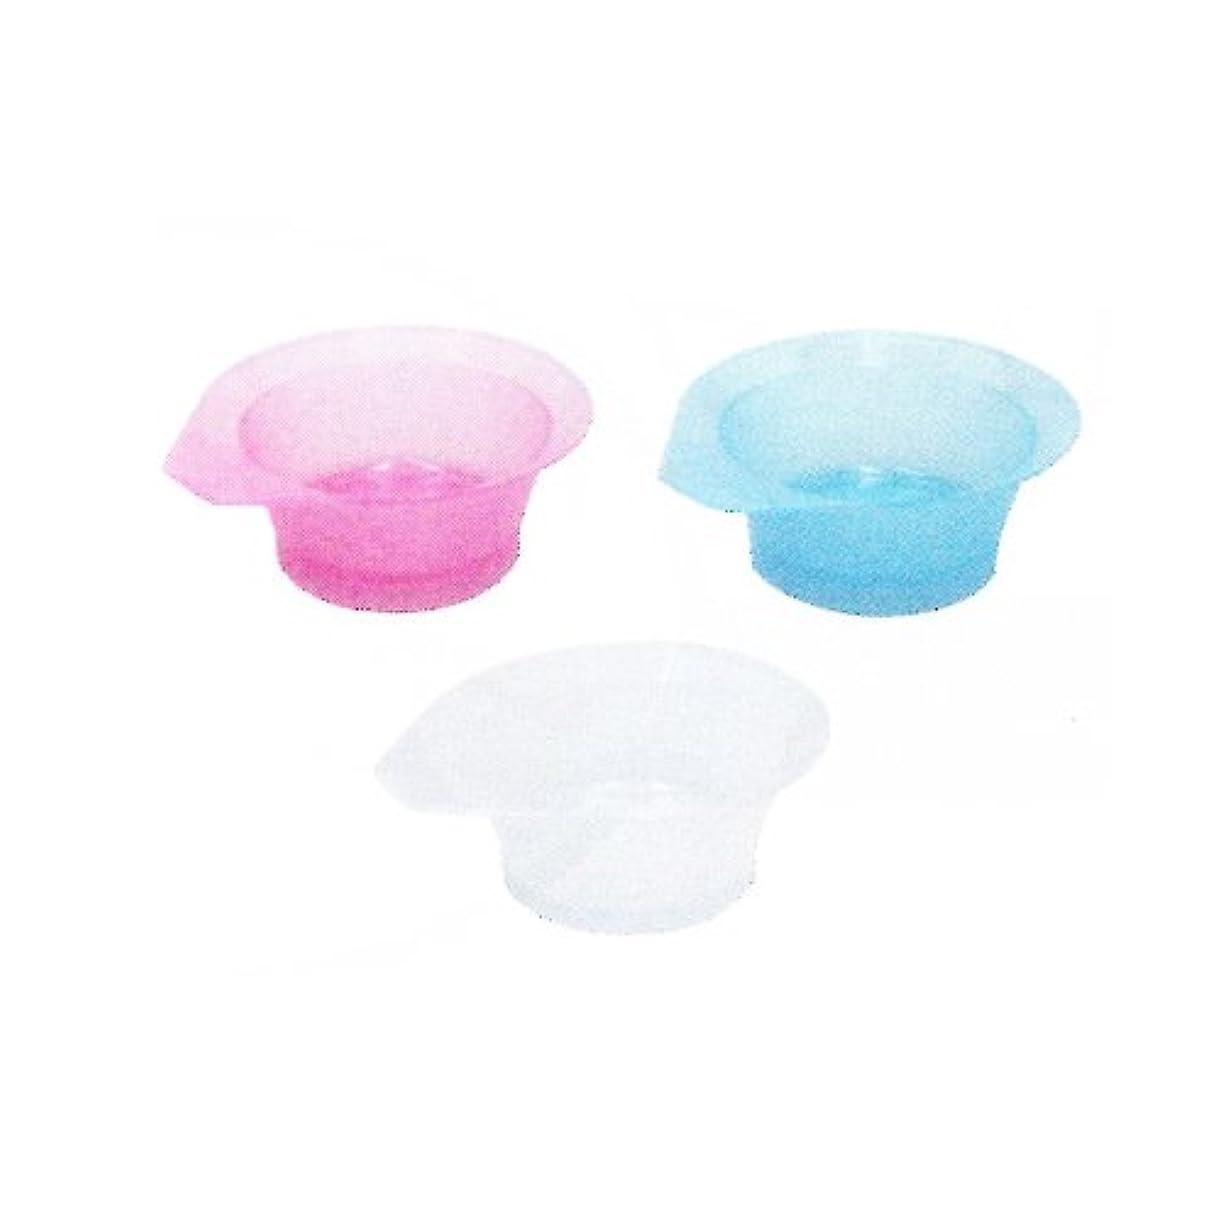 アクアヘアダイカップ ピンク